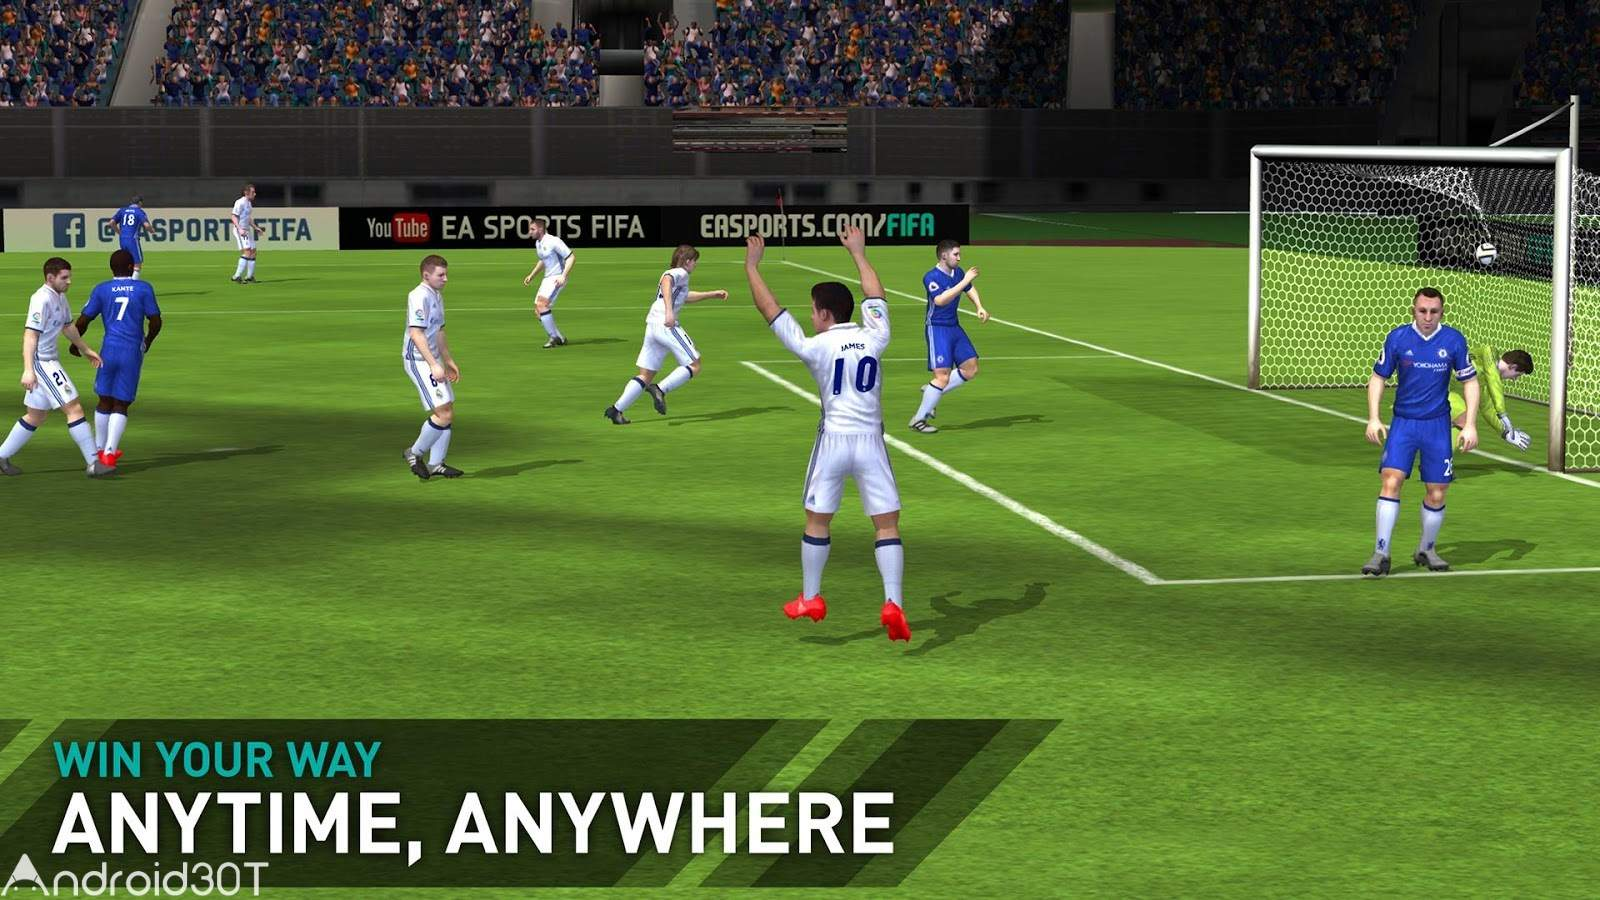 دانلود FIFA Mobile Soccer 13.1.06 – بازی فوتبال فیفا موبایل اندروید